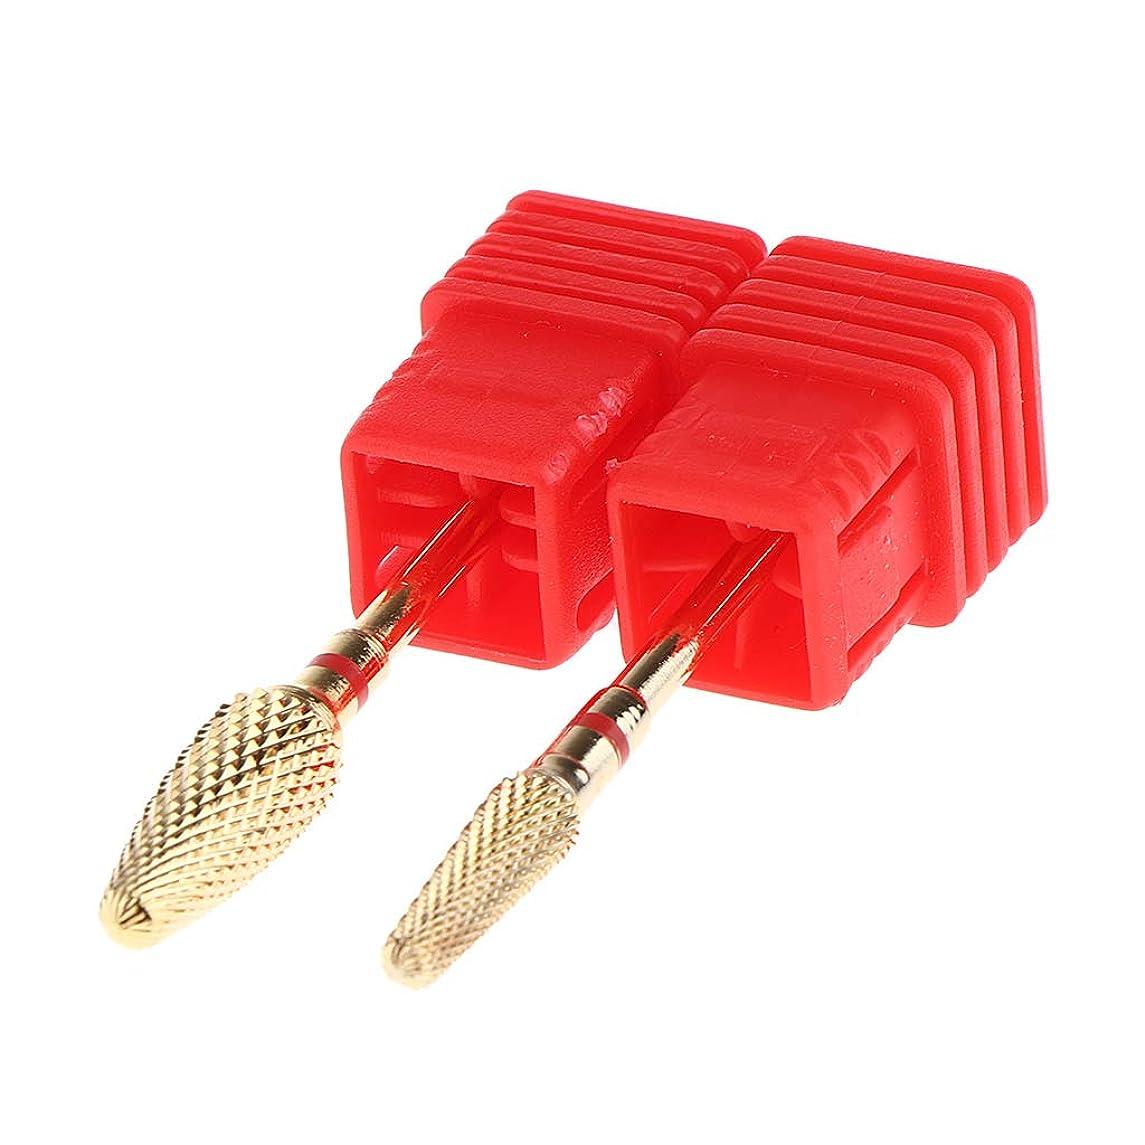 製油所無能こねるF Fityle 全3カラー ネイルツール ネイルドリル ビット ネイルポリッシュグ ツール 2本パック - 赤